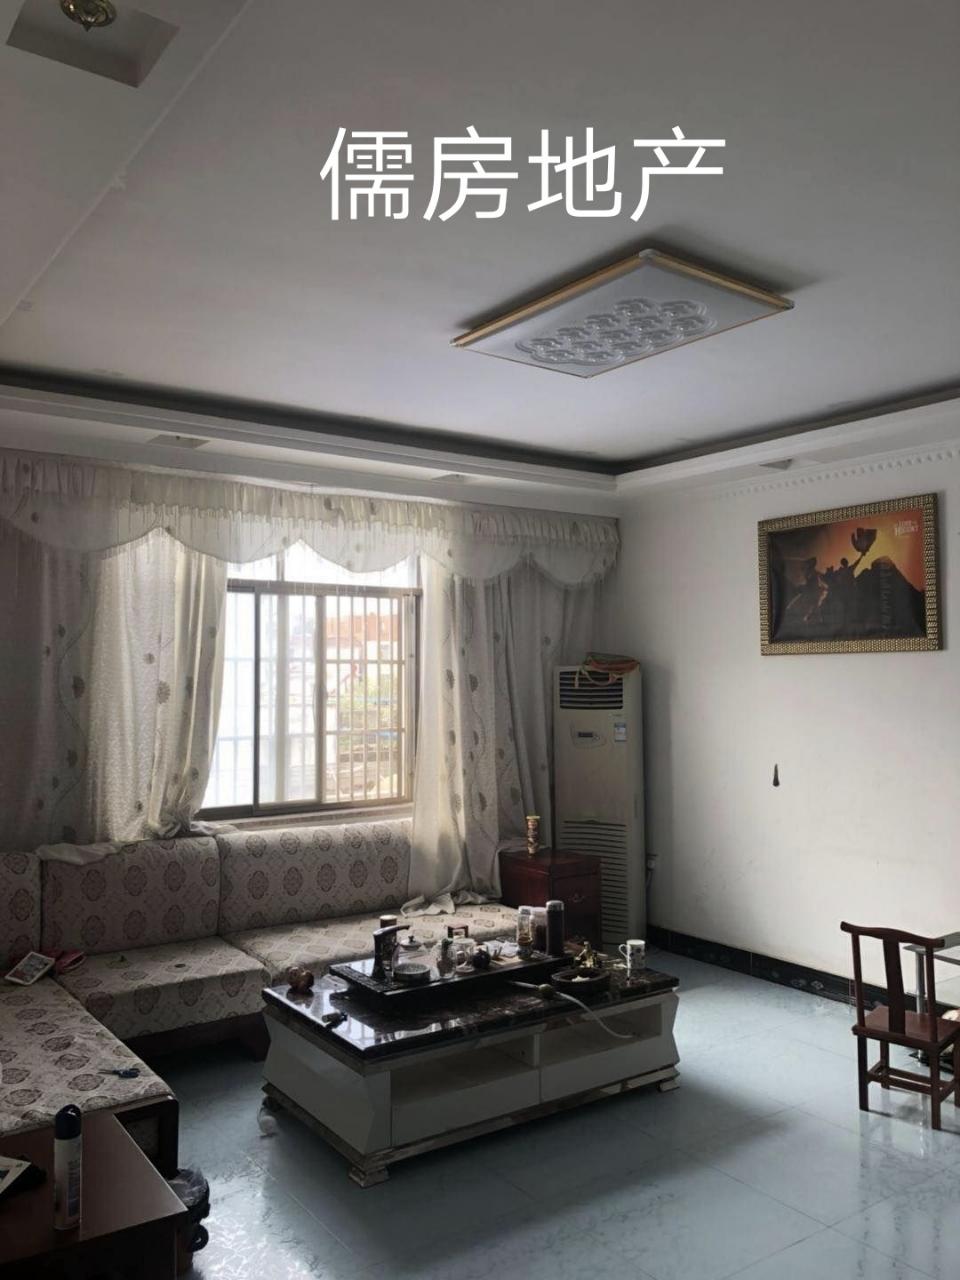 龙悦山庄3室 2厅 2卫70万元